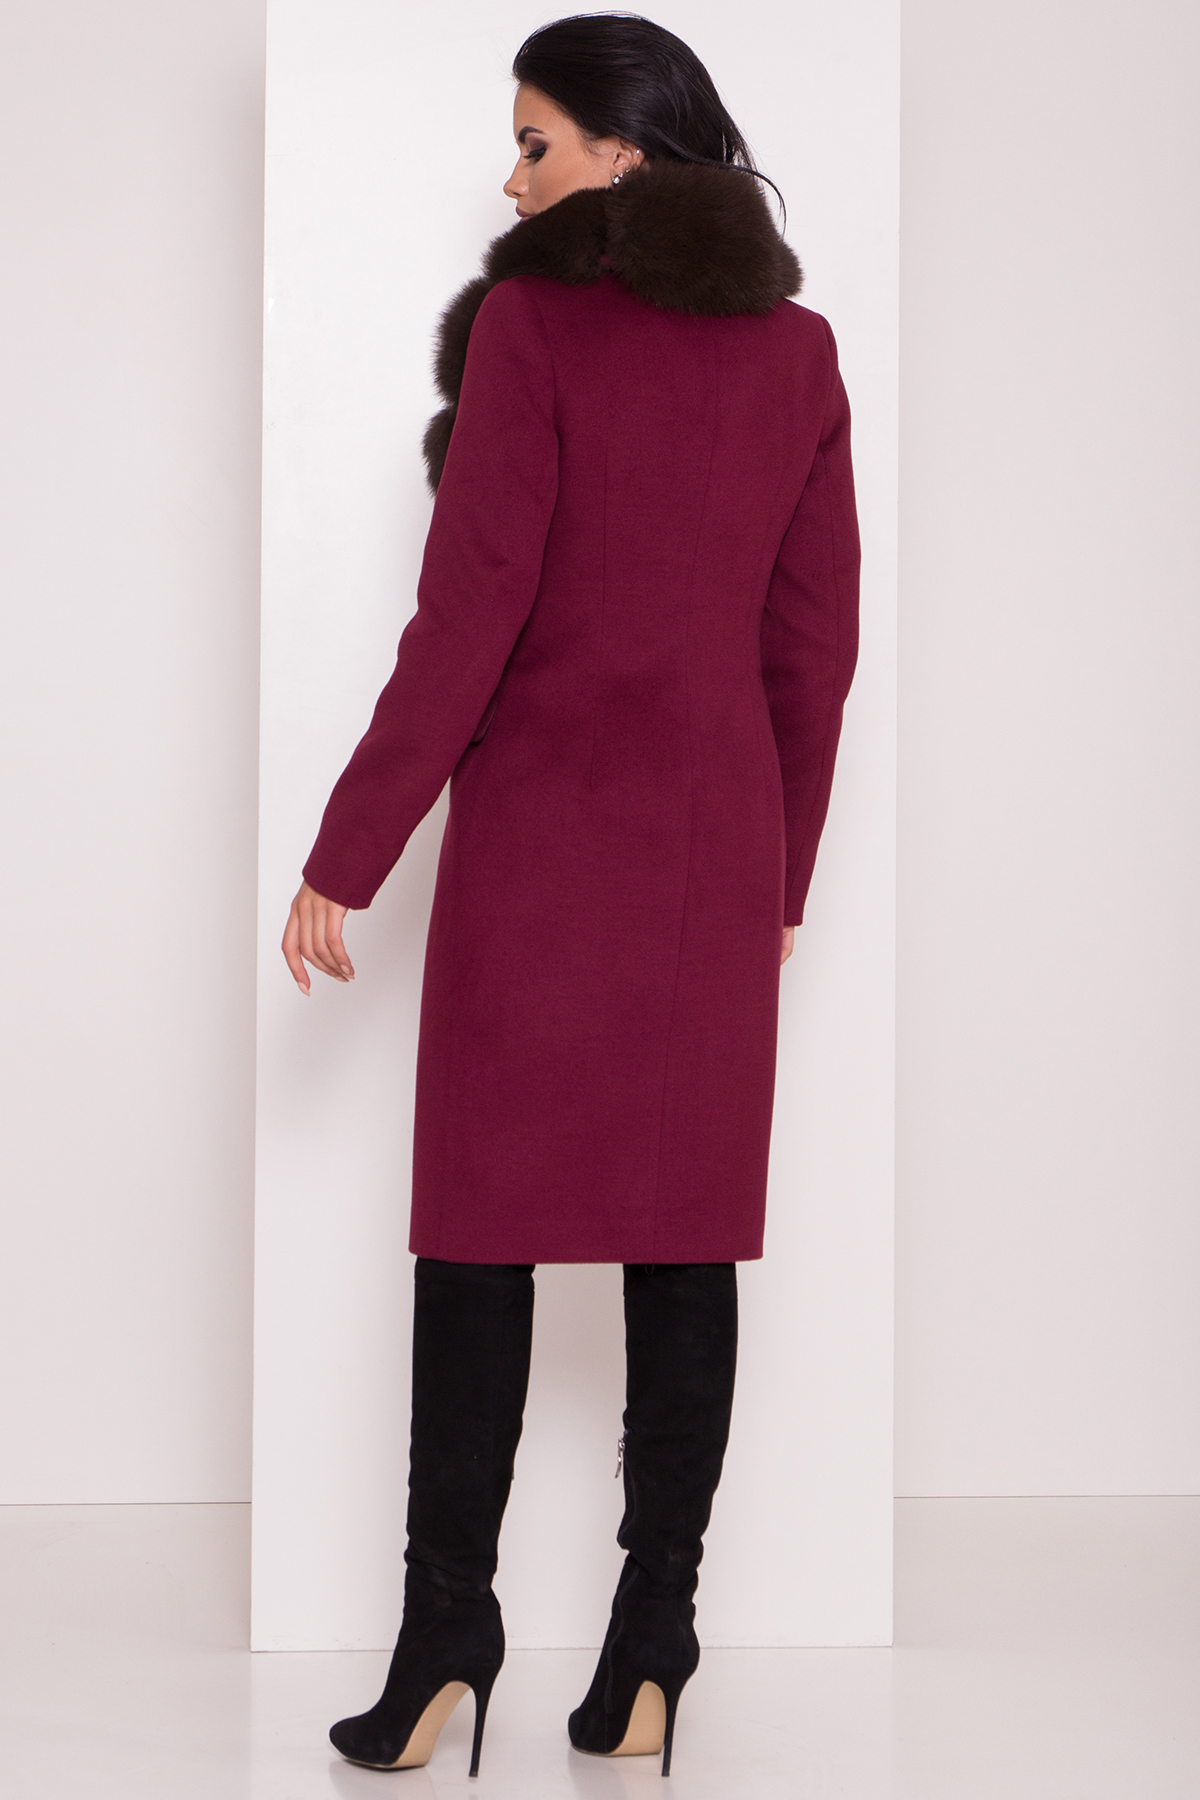 Кашемировое зимнее пальто Лабио 8154 АРТ. 44108 Цвет: Марсала 2 - фото 4, интернет магазин tm-modus.ru